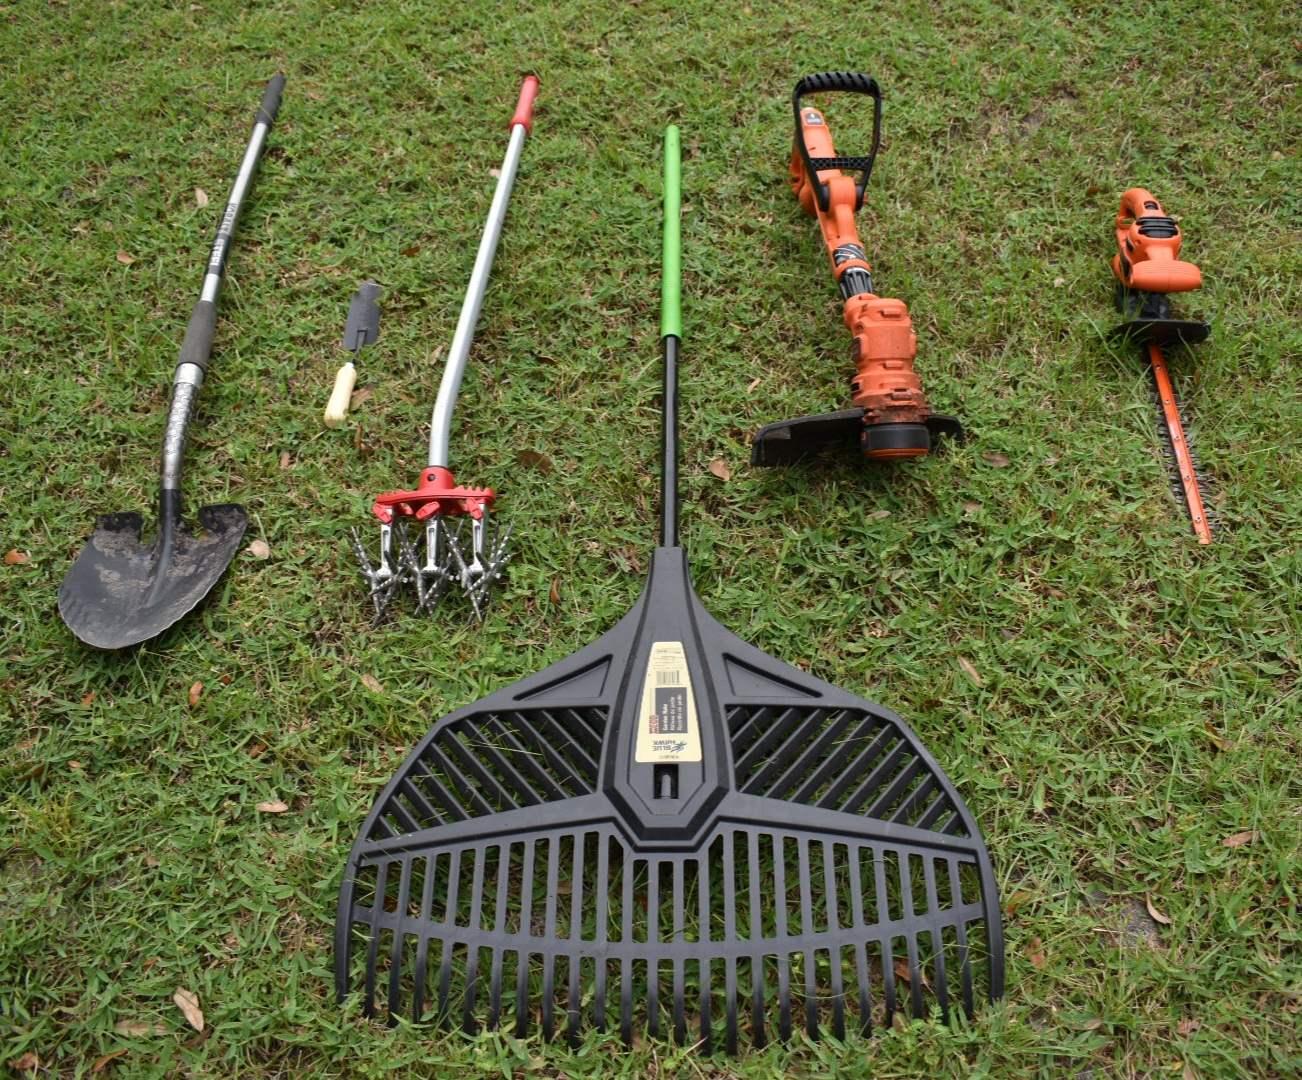 Yard Equipment: Black & Decker Weed Wacker, Saw, Rake, Shovels, Tiller